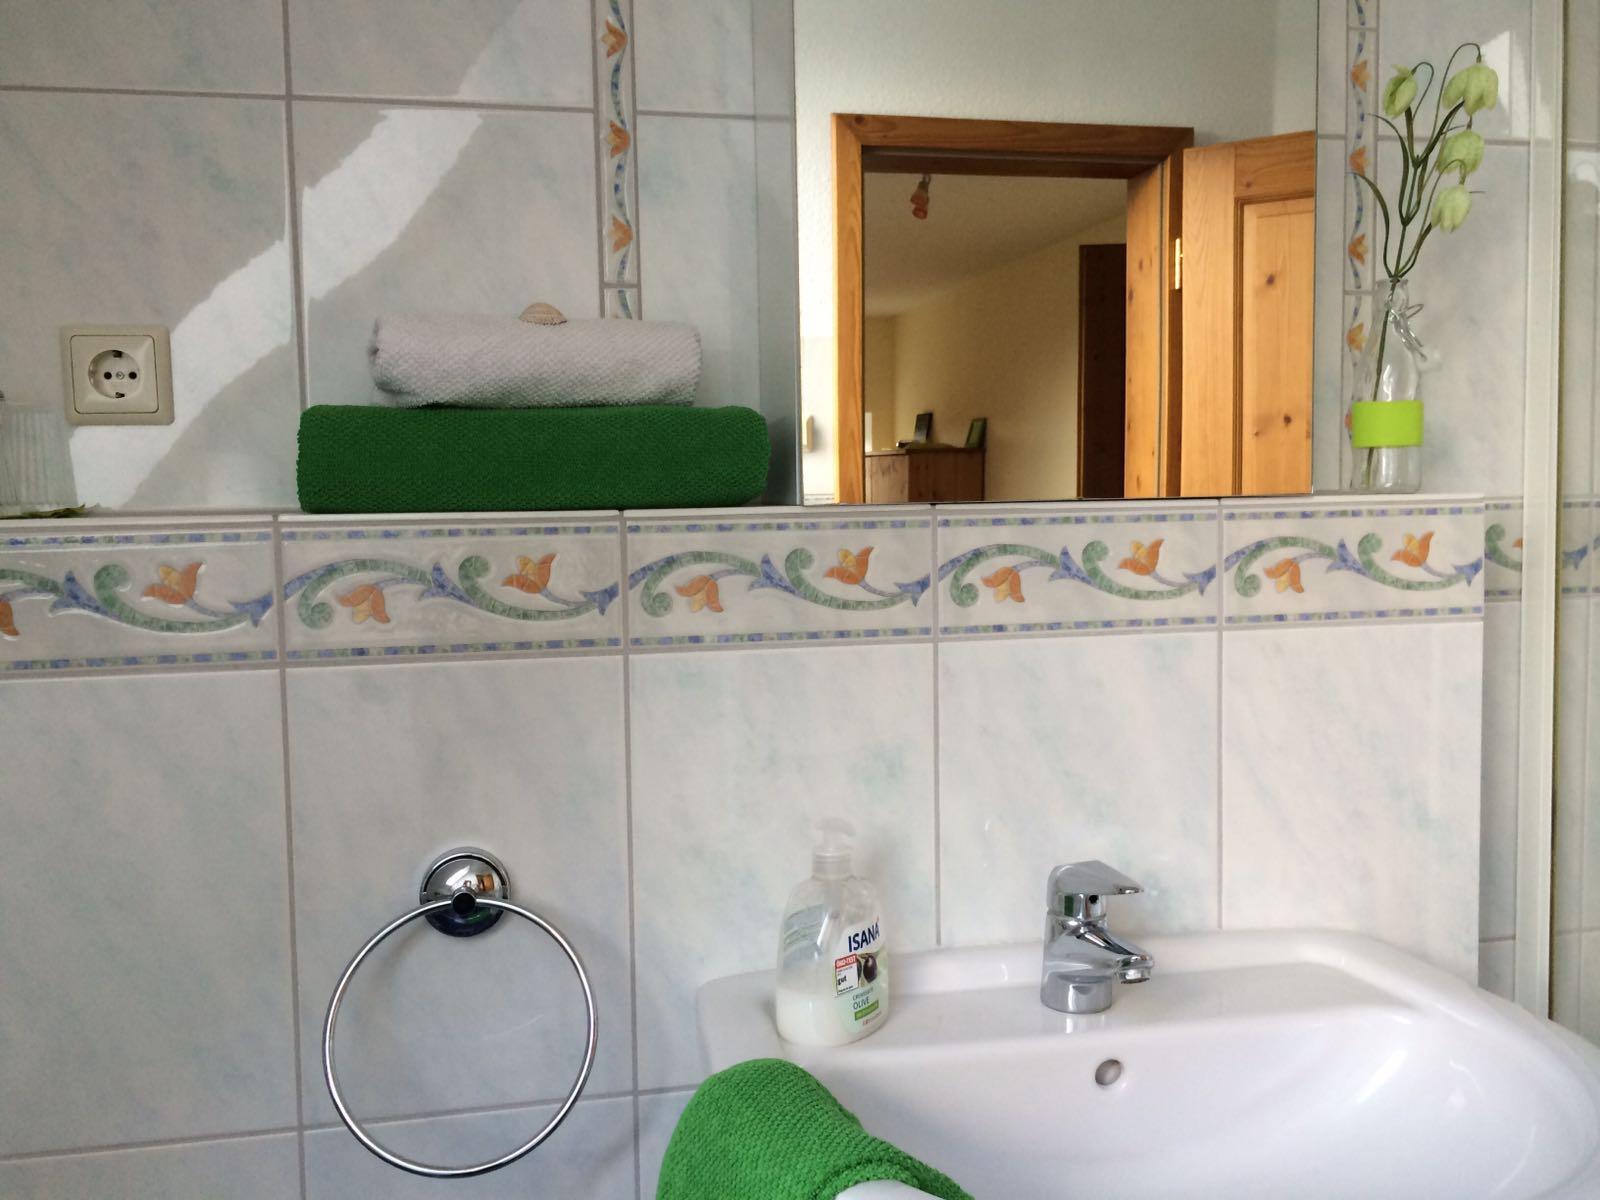 Haus Friesenglück in Kolkerheide, Nordfriesland – Ferienwohnungen und Ferienapartments – Ferienapartment 3 (grün) – Innenansicht 3